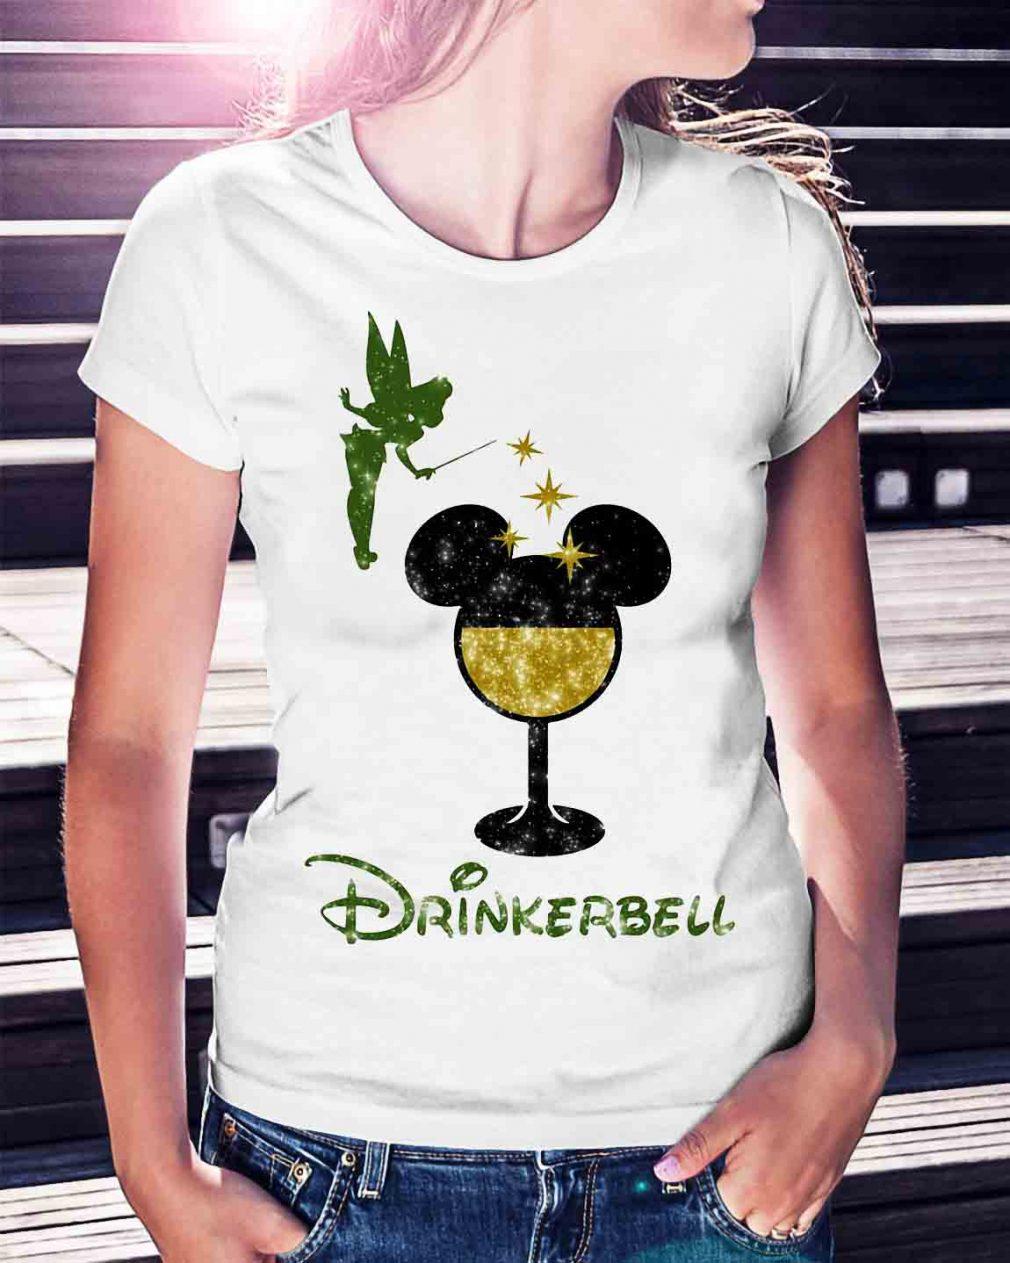 Drinkerbell Tinkerbell Disney shirt